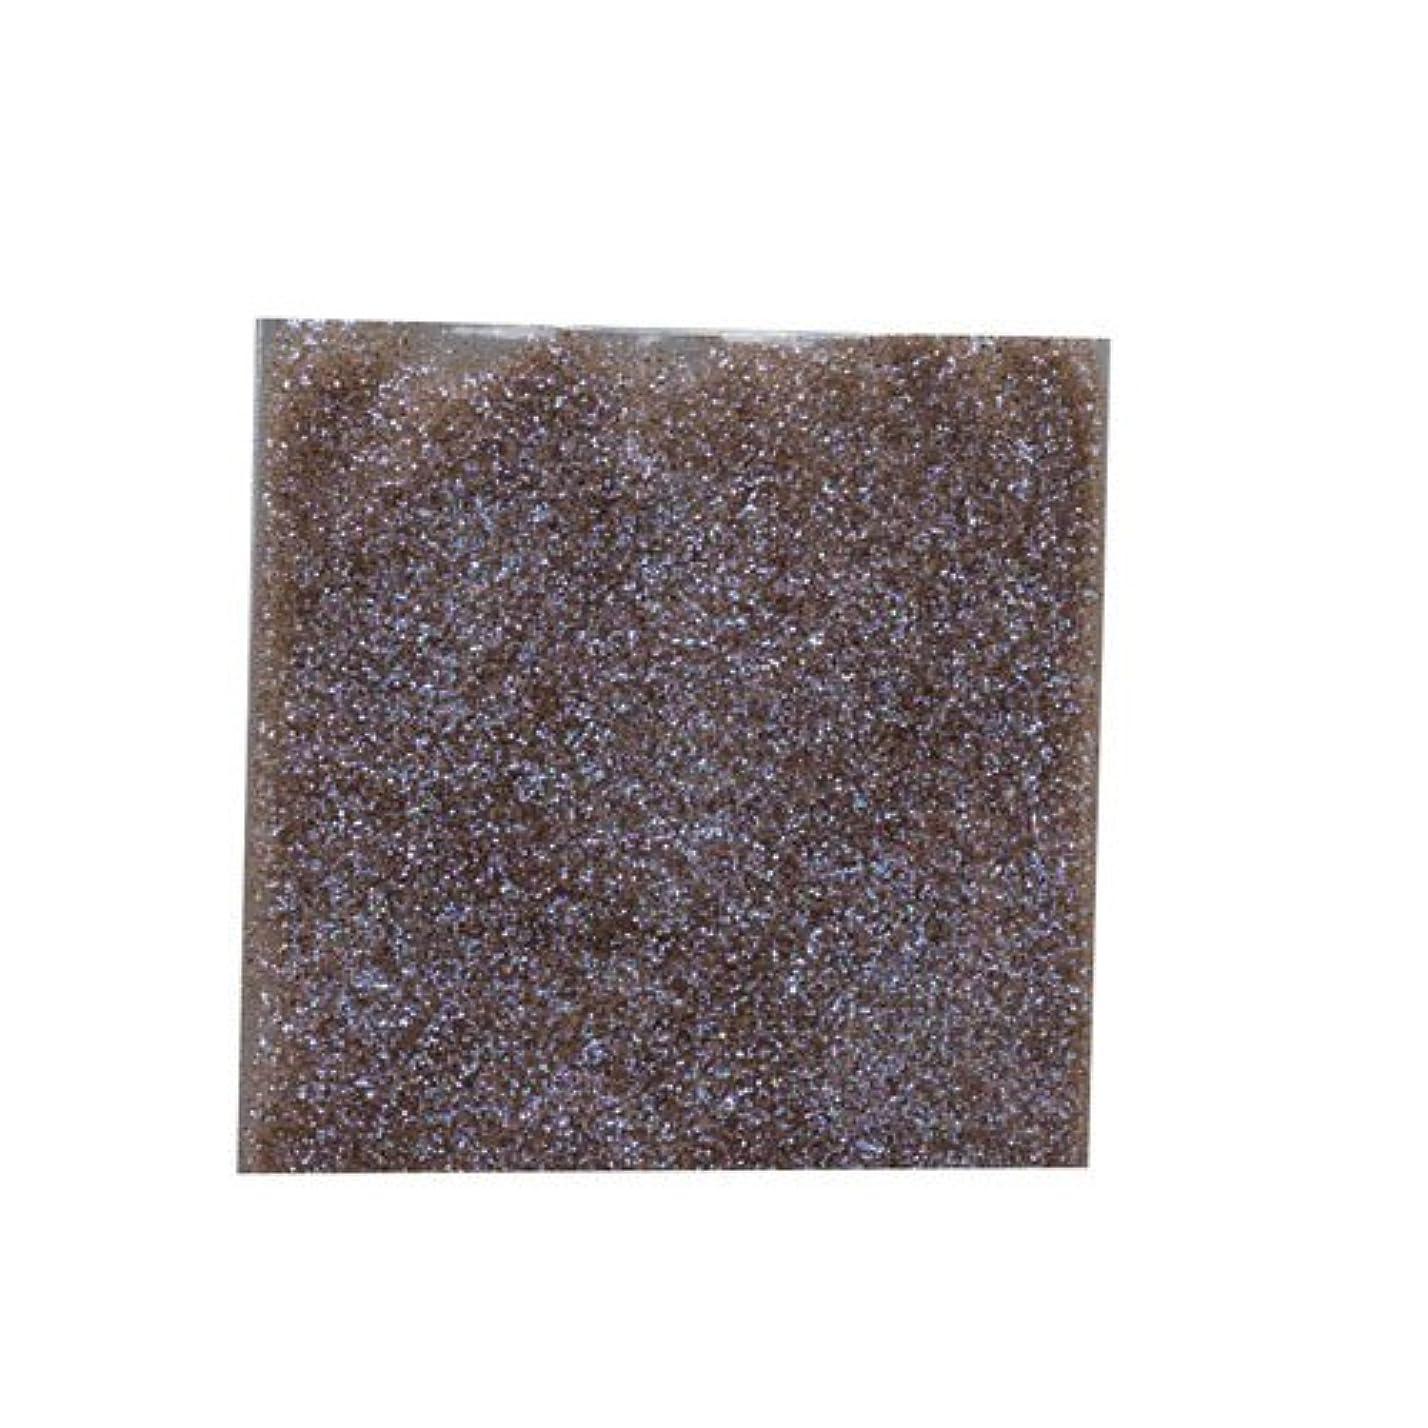 ドナー溶岩じゃがいもピカエース ネイル用パウダー ラメカラーオーロラB 耐溶剤 S #539 ブラウン 0.7g